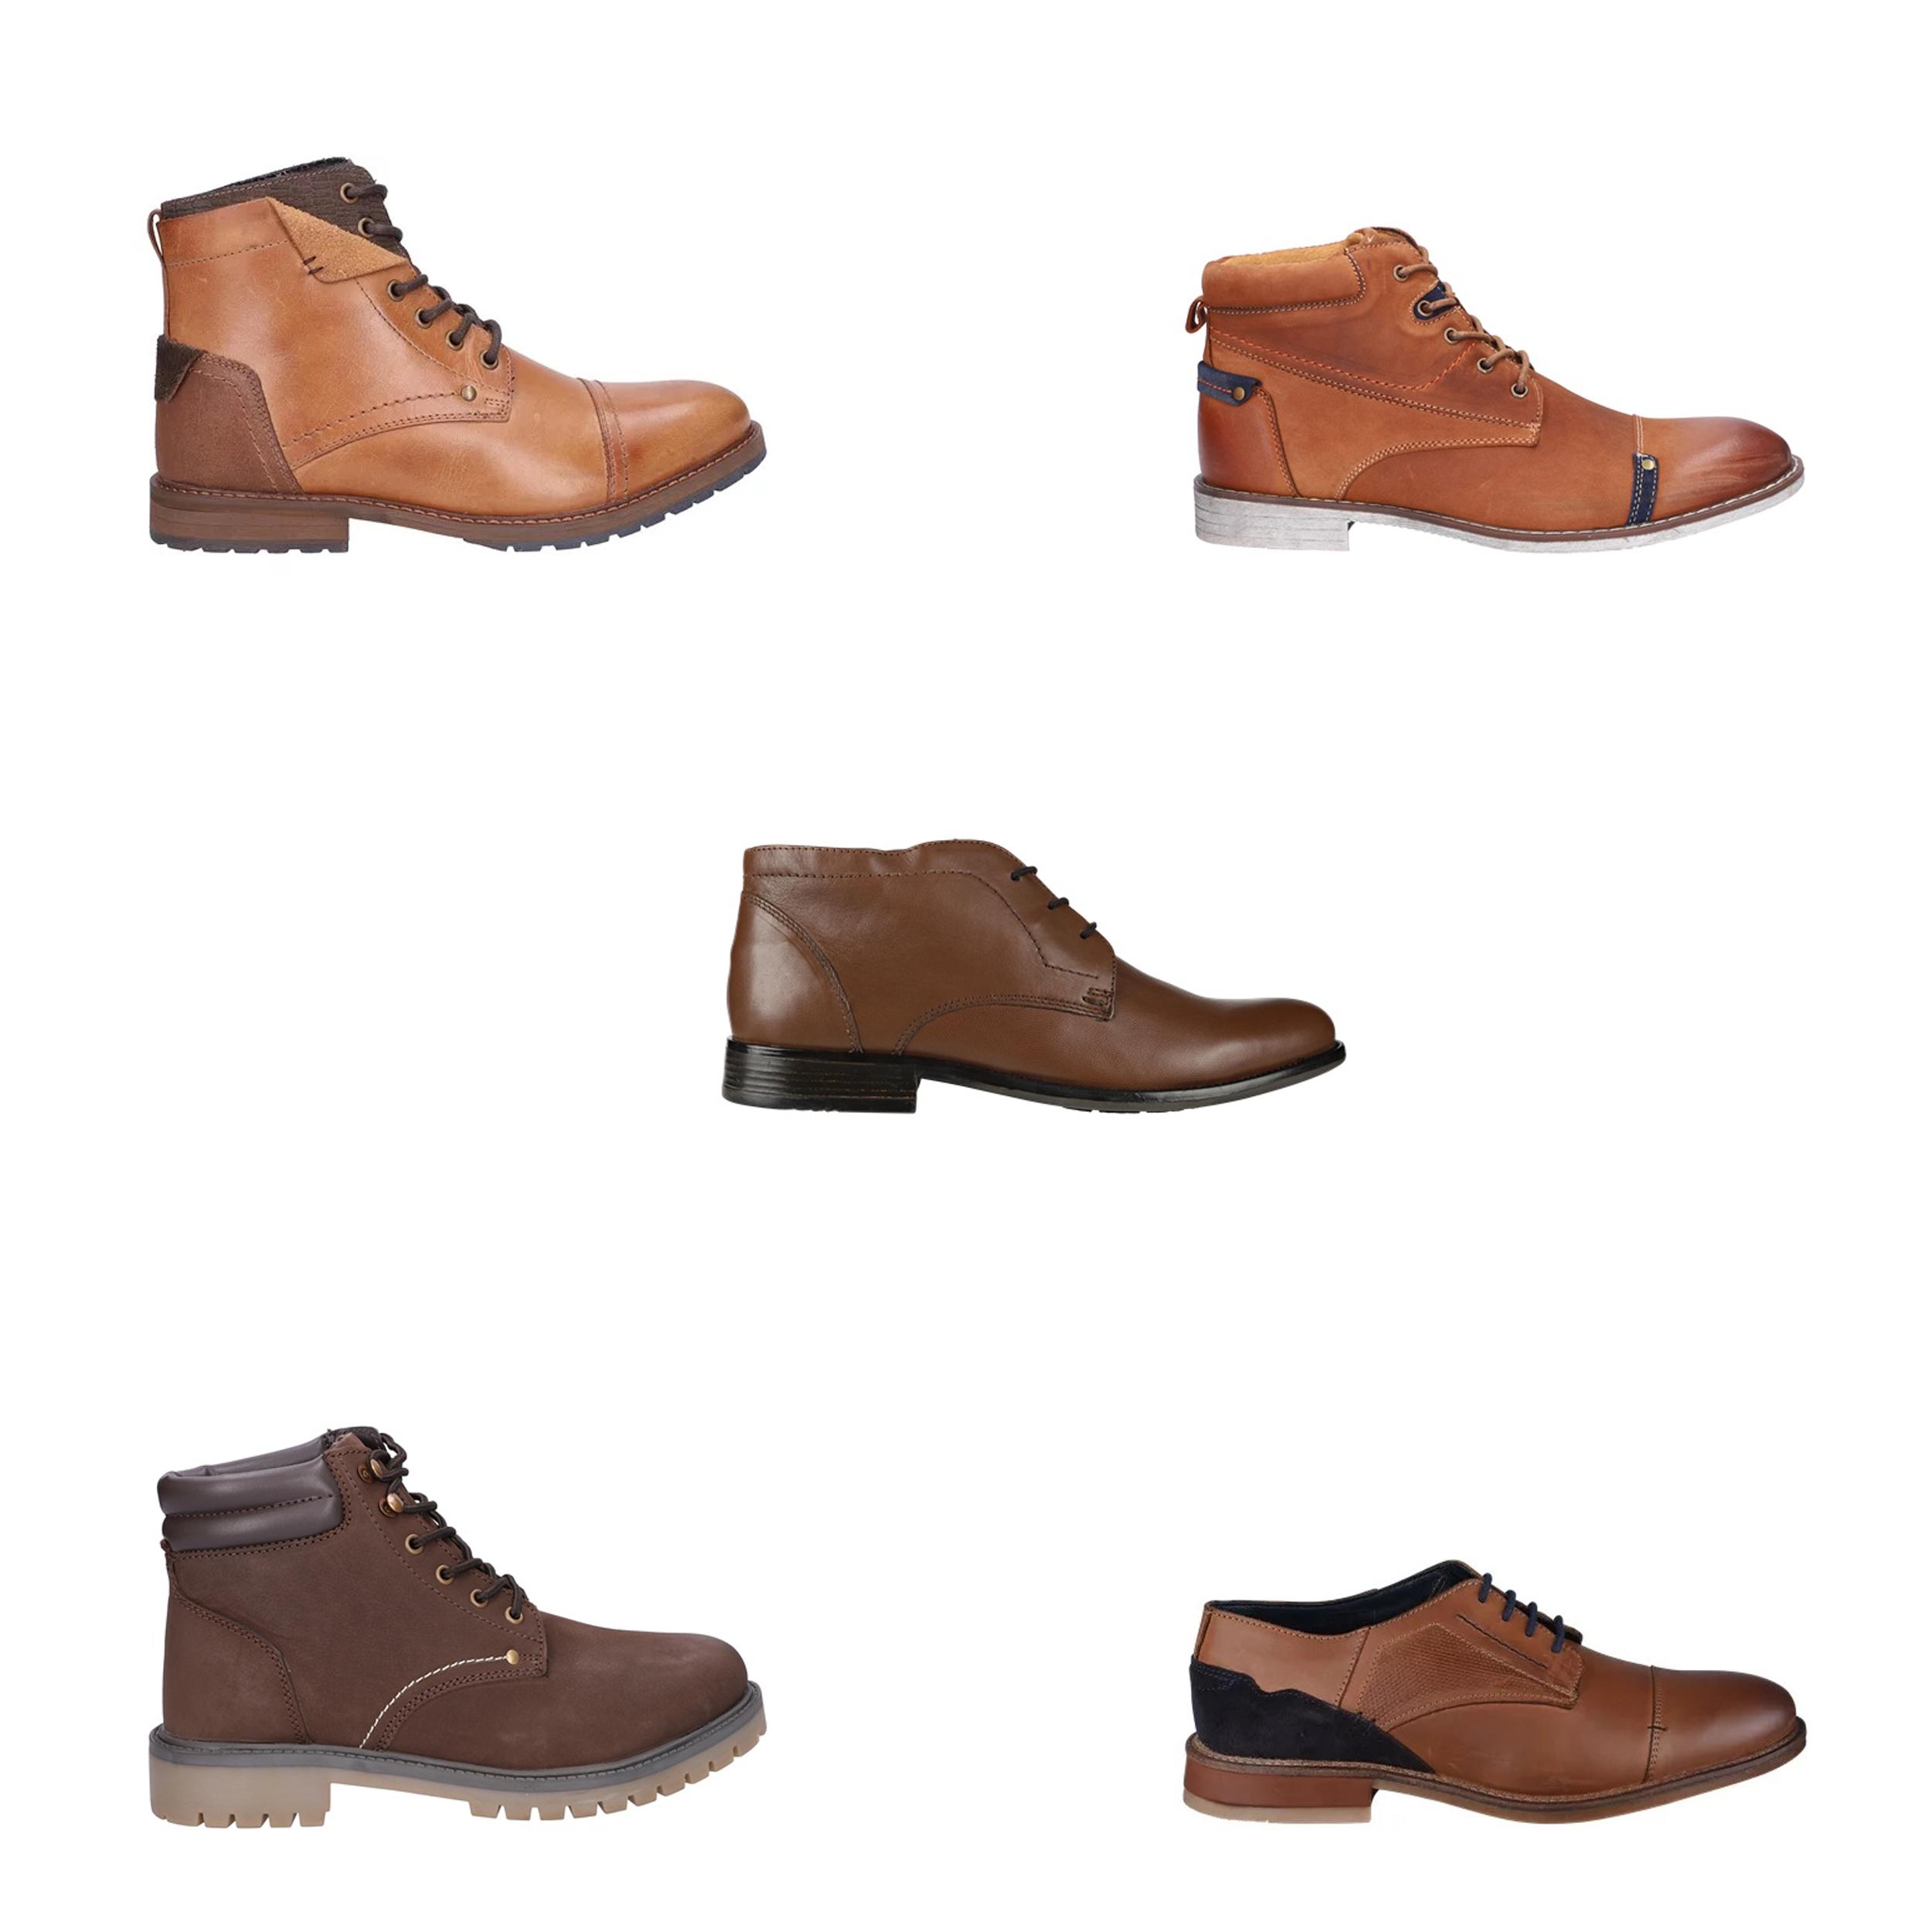 [BestSecret] SALE Cypres Schuhe, Stiefeletten, Boots STARK REDUZIERT Chrome 6 Schnürschuhe Anzugschuhe brraun beige